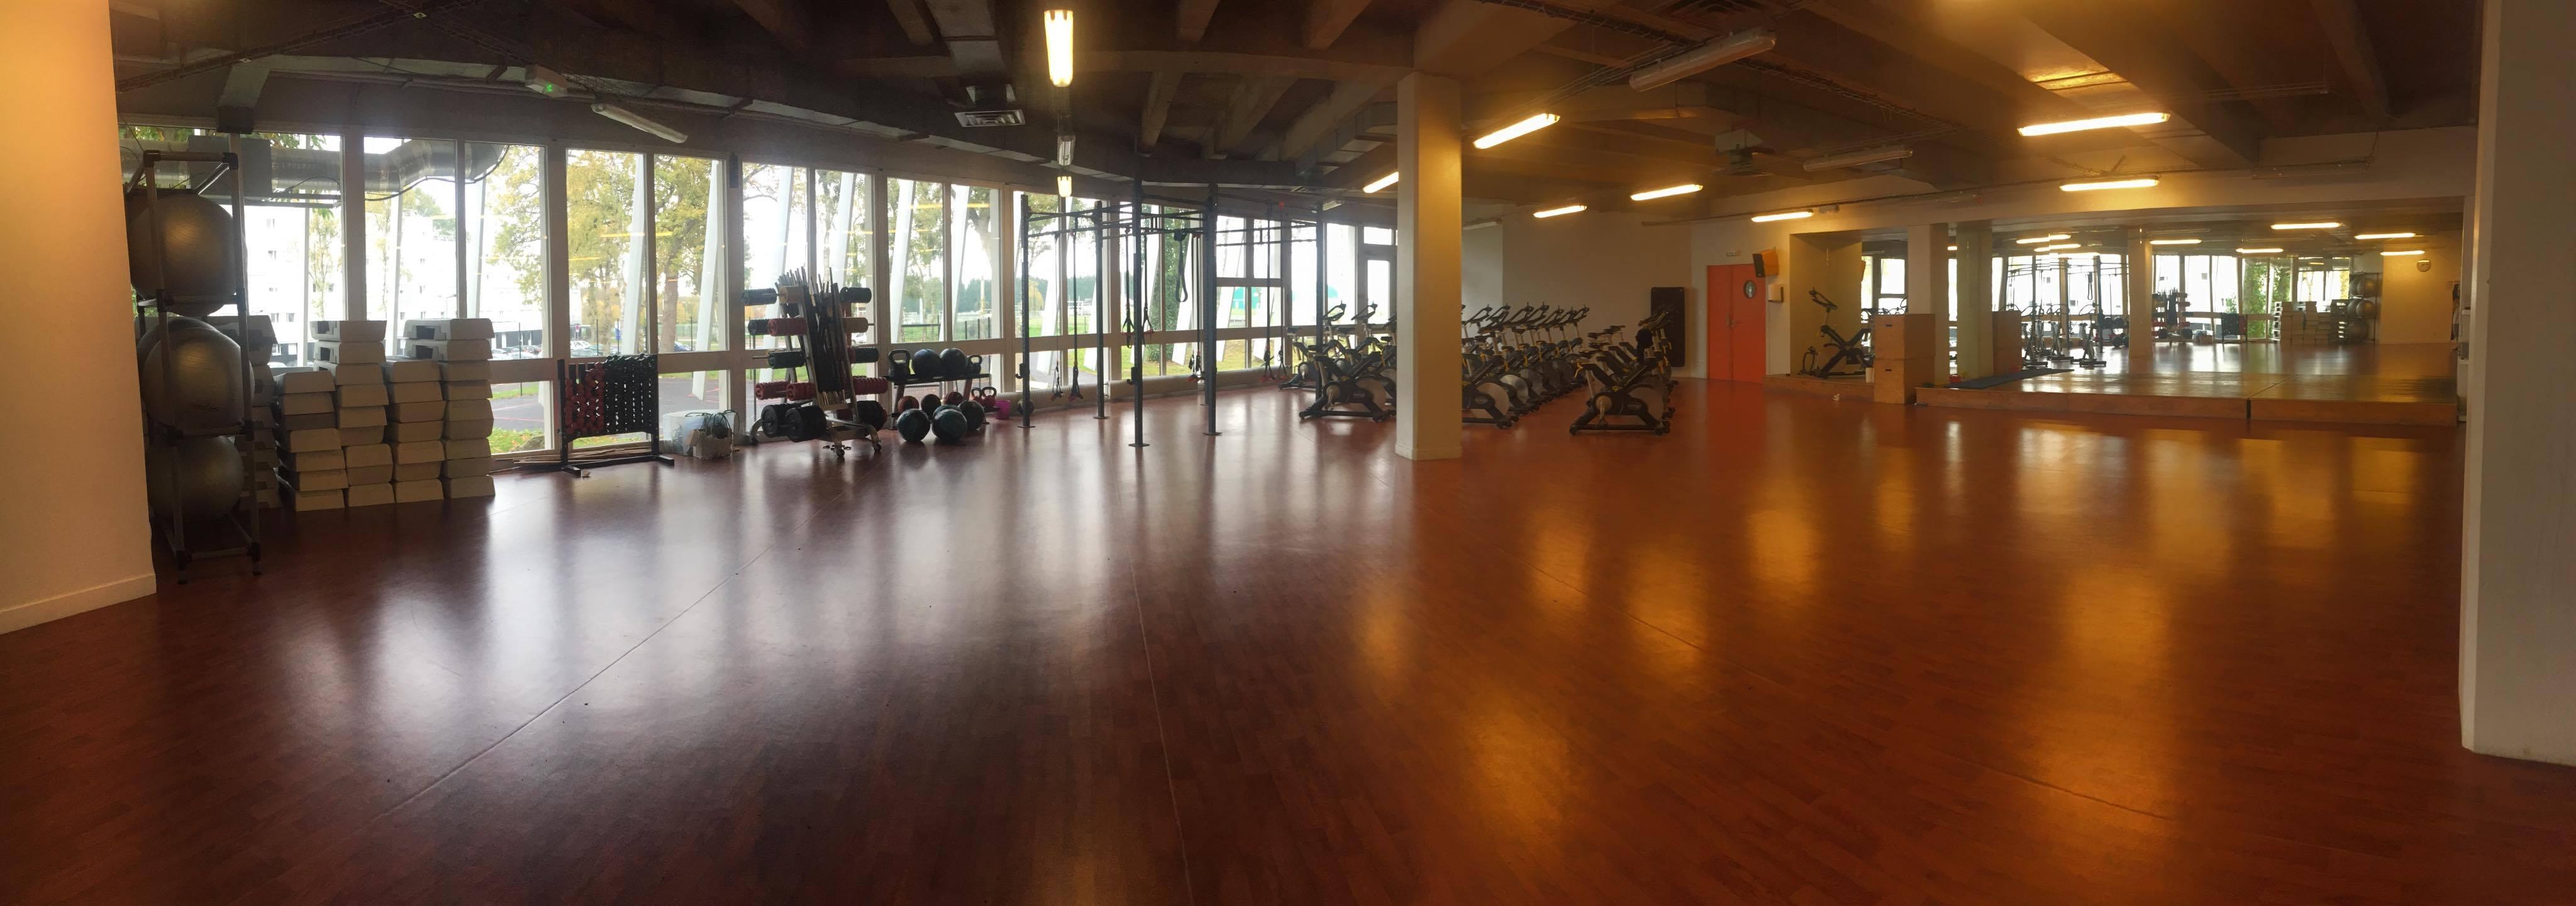 salle de fitness mont-saint-aignan